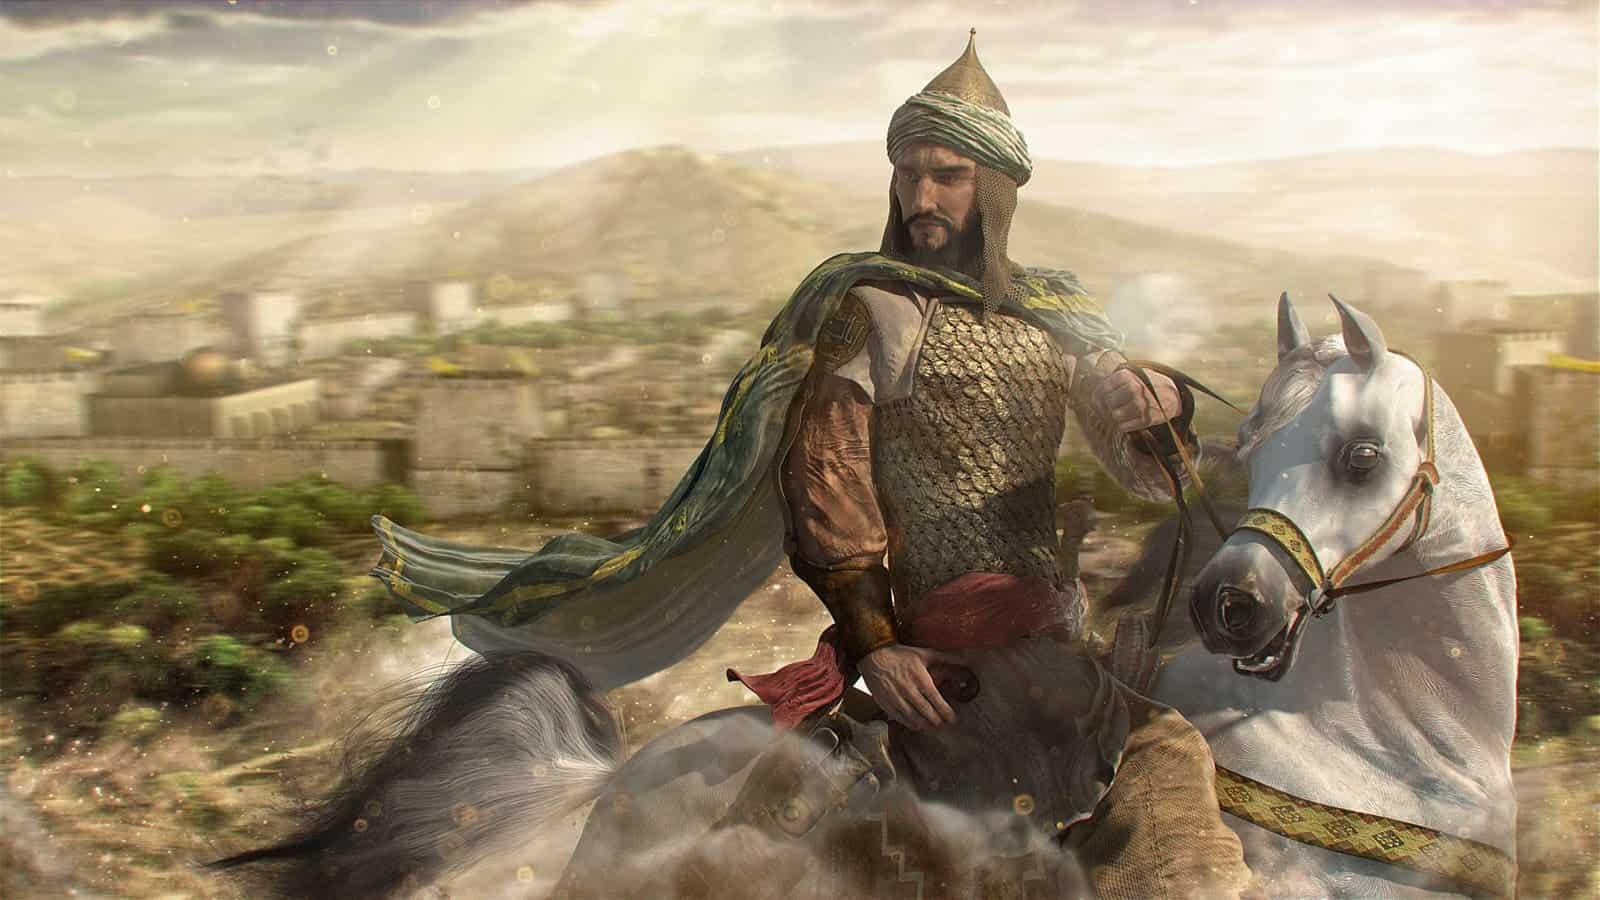 معلومات عن صلاح الدين الايوبي قاهر الصليبيين